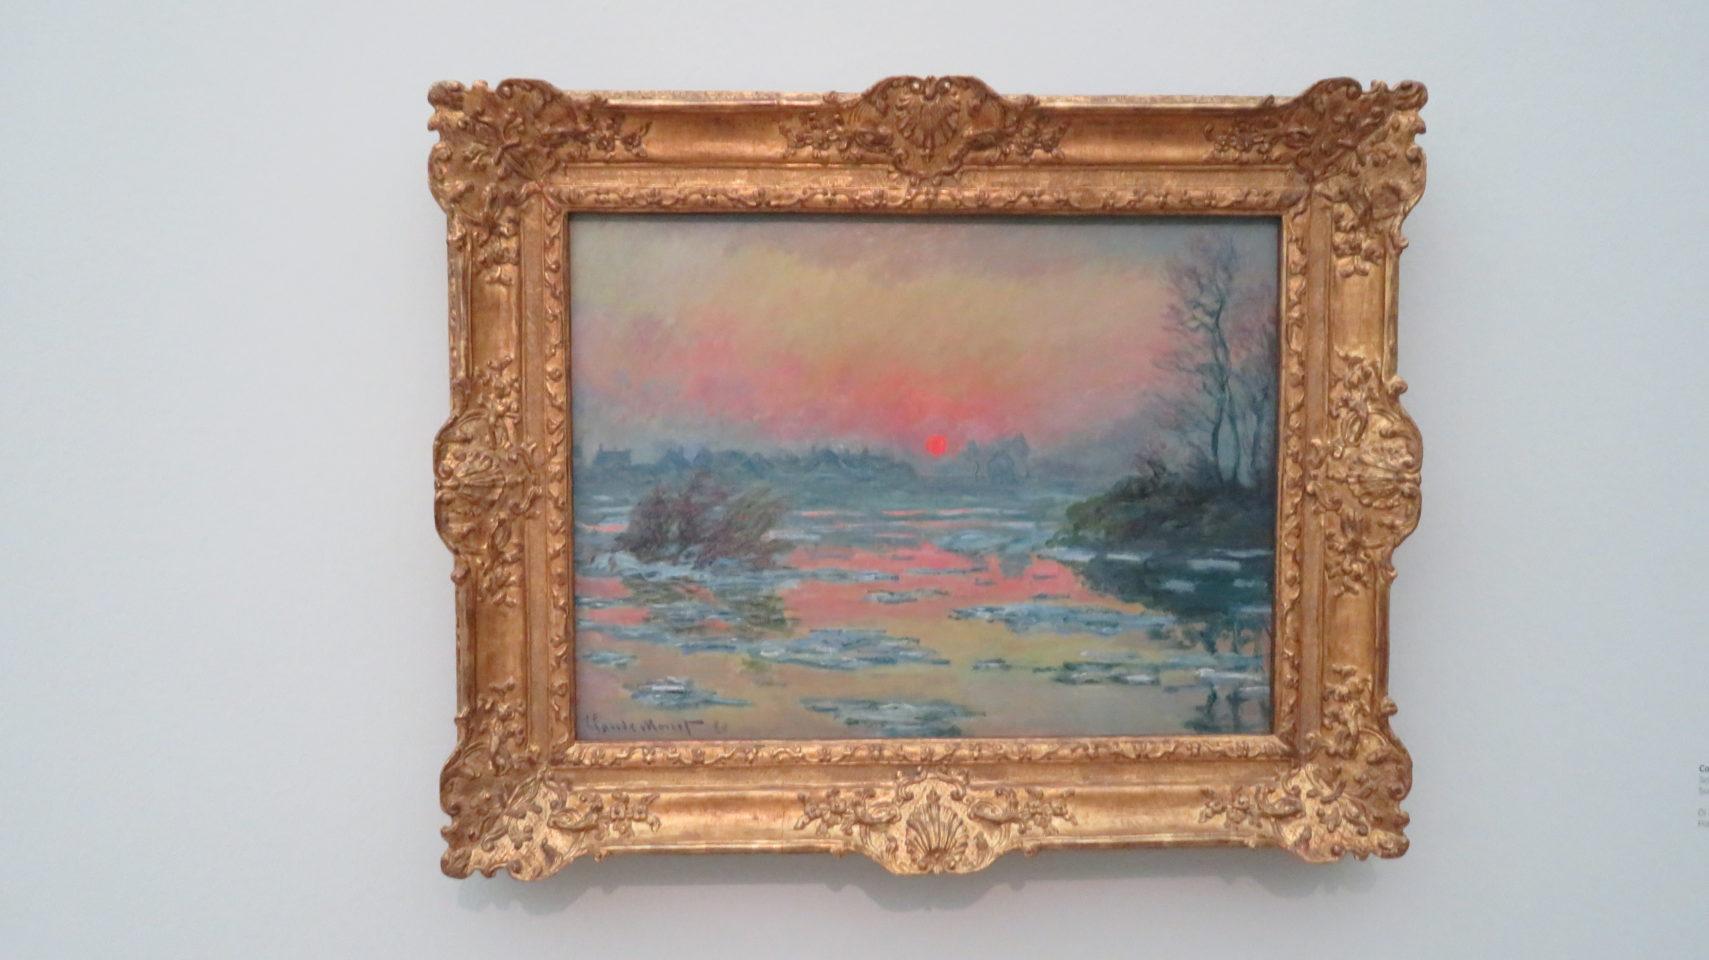 Coucher de Soleil sur la Seine, L'Hiver by Claude Monet at the Fondation Beyeler in Basel, Switzerland